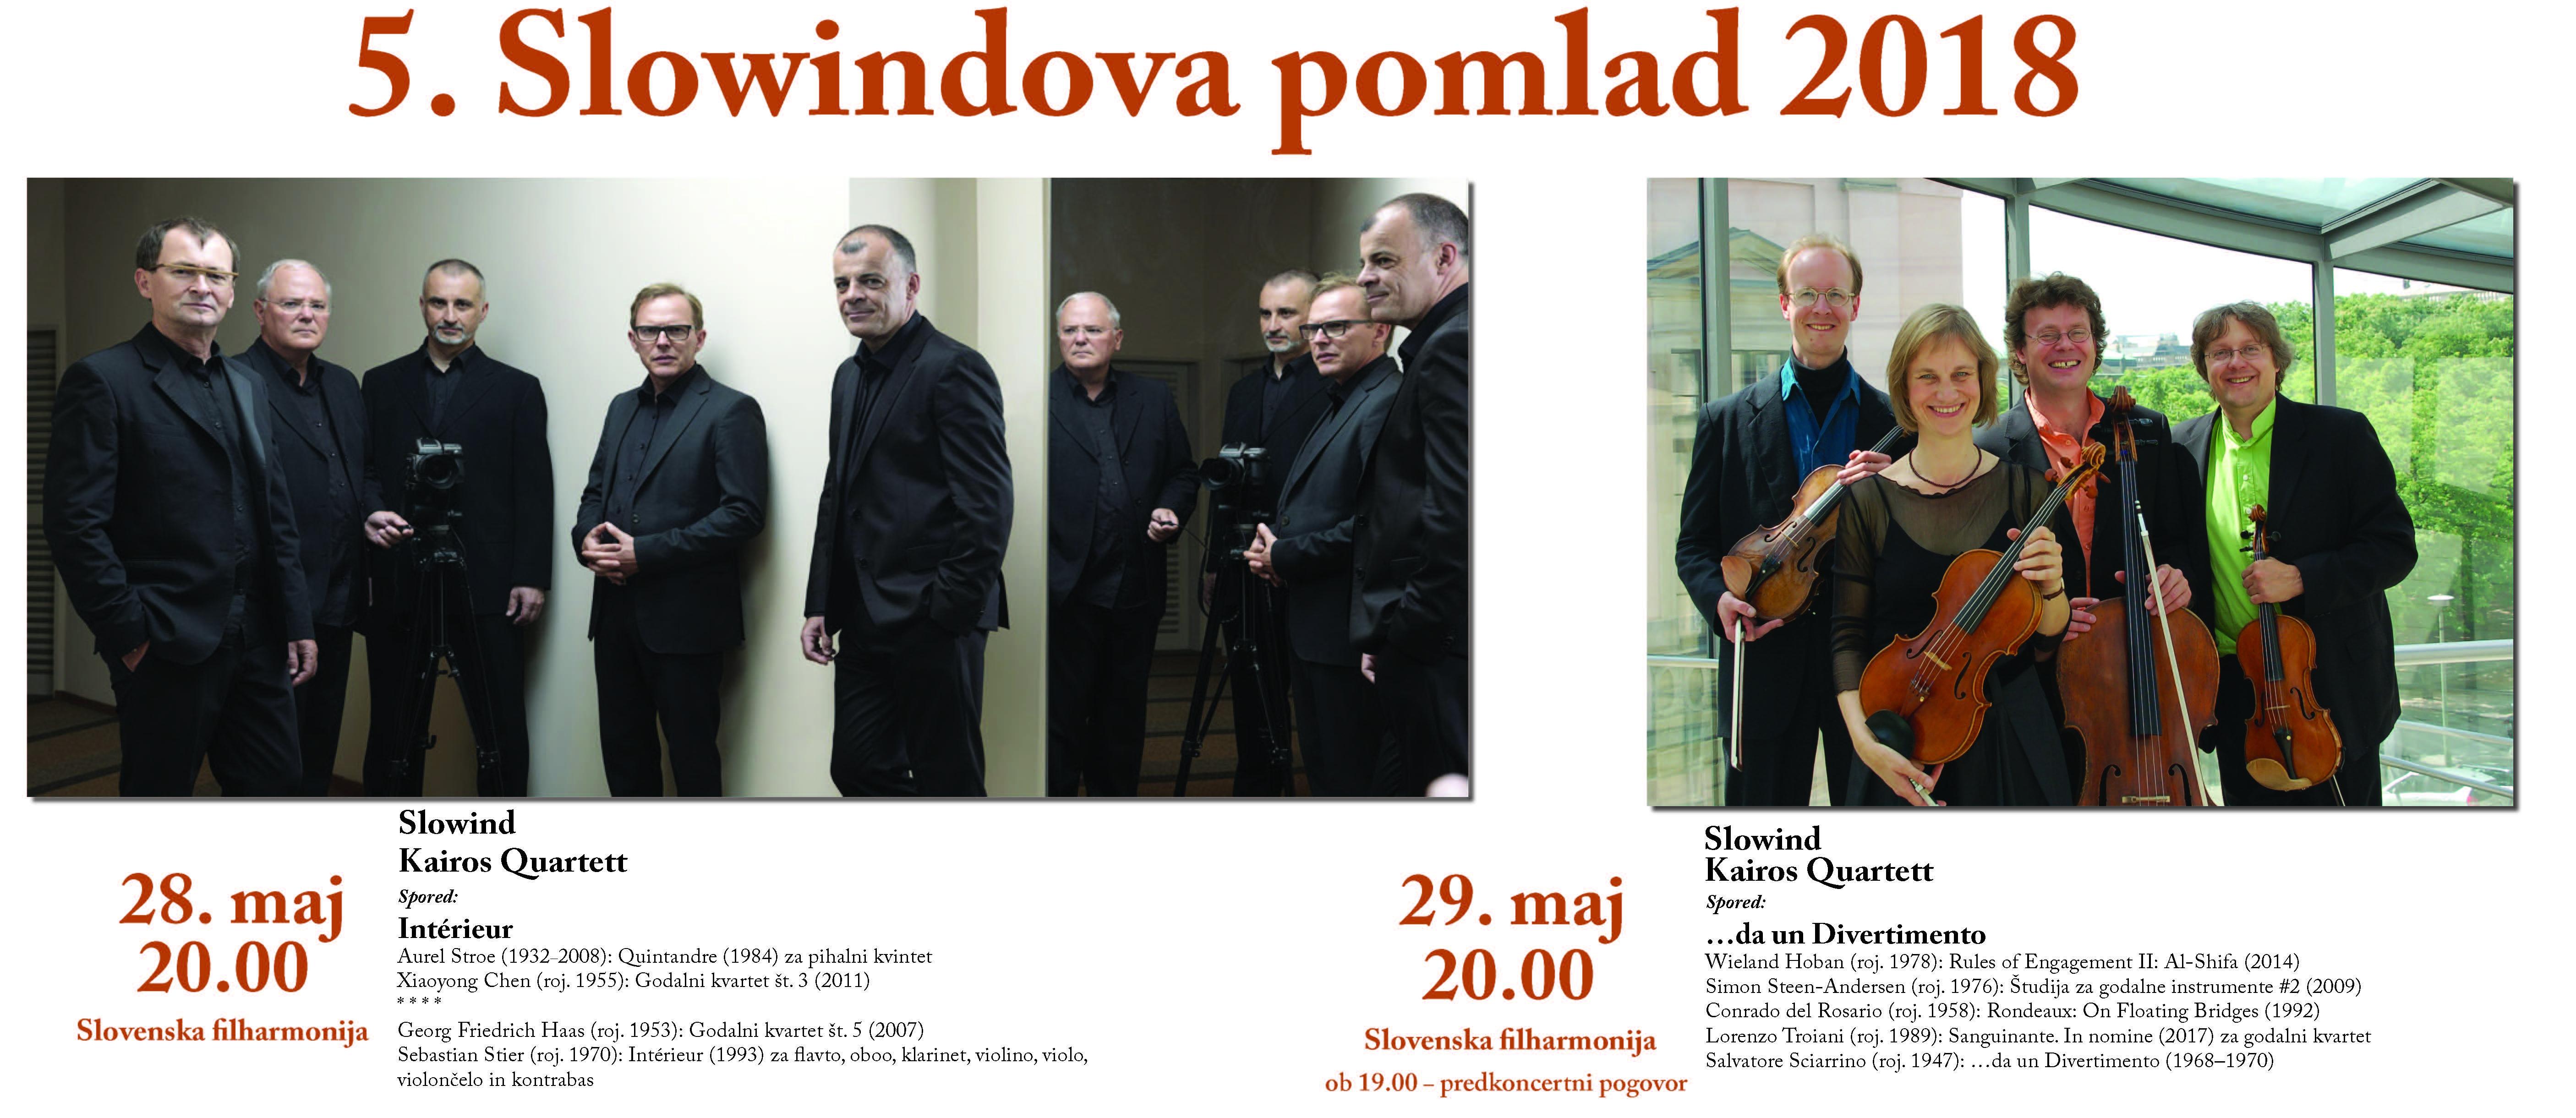 5. Slowindova pomlad 2018